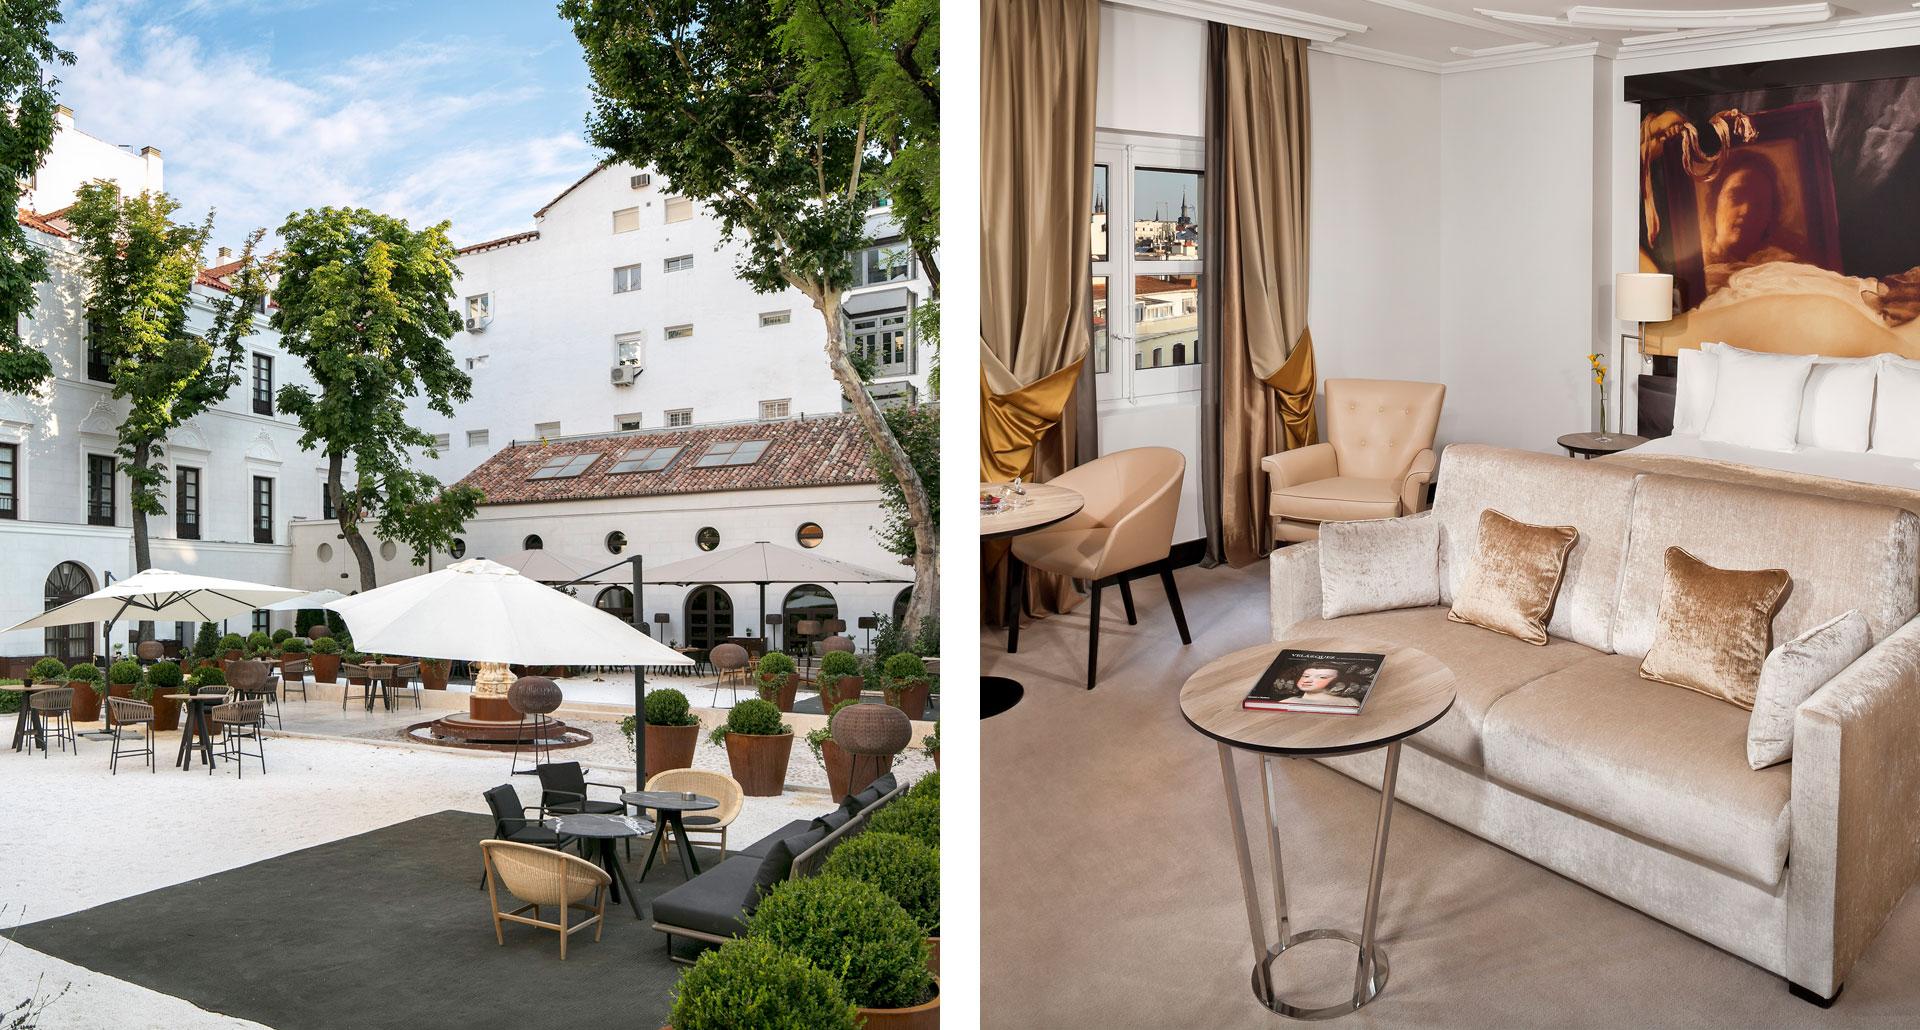 Gran Meliá Palacio de los Duques - boutique hotel in Madrid